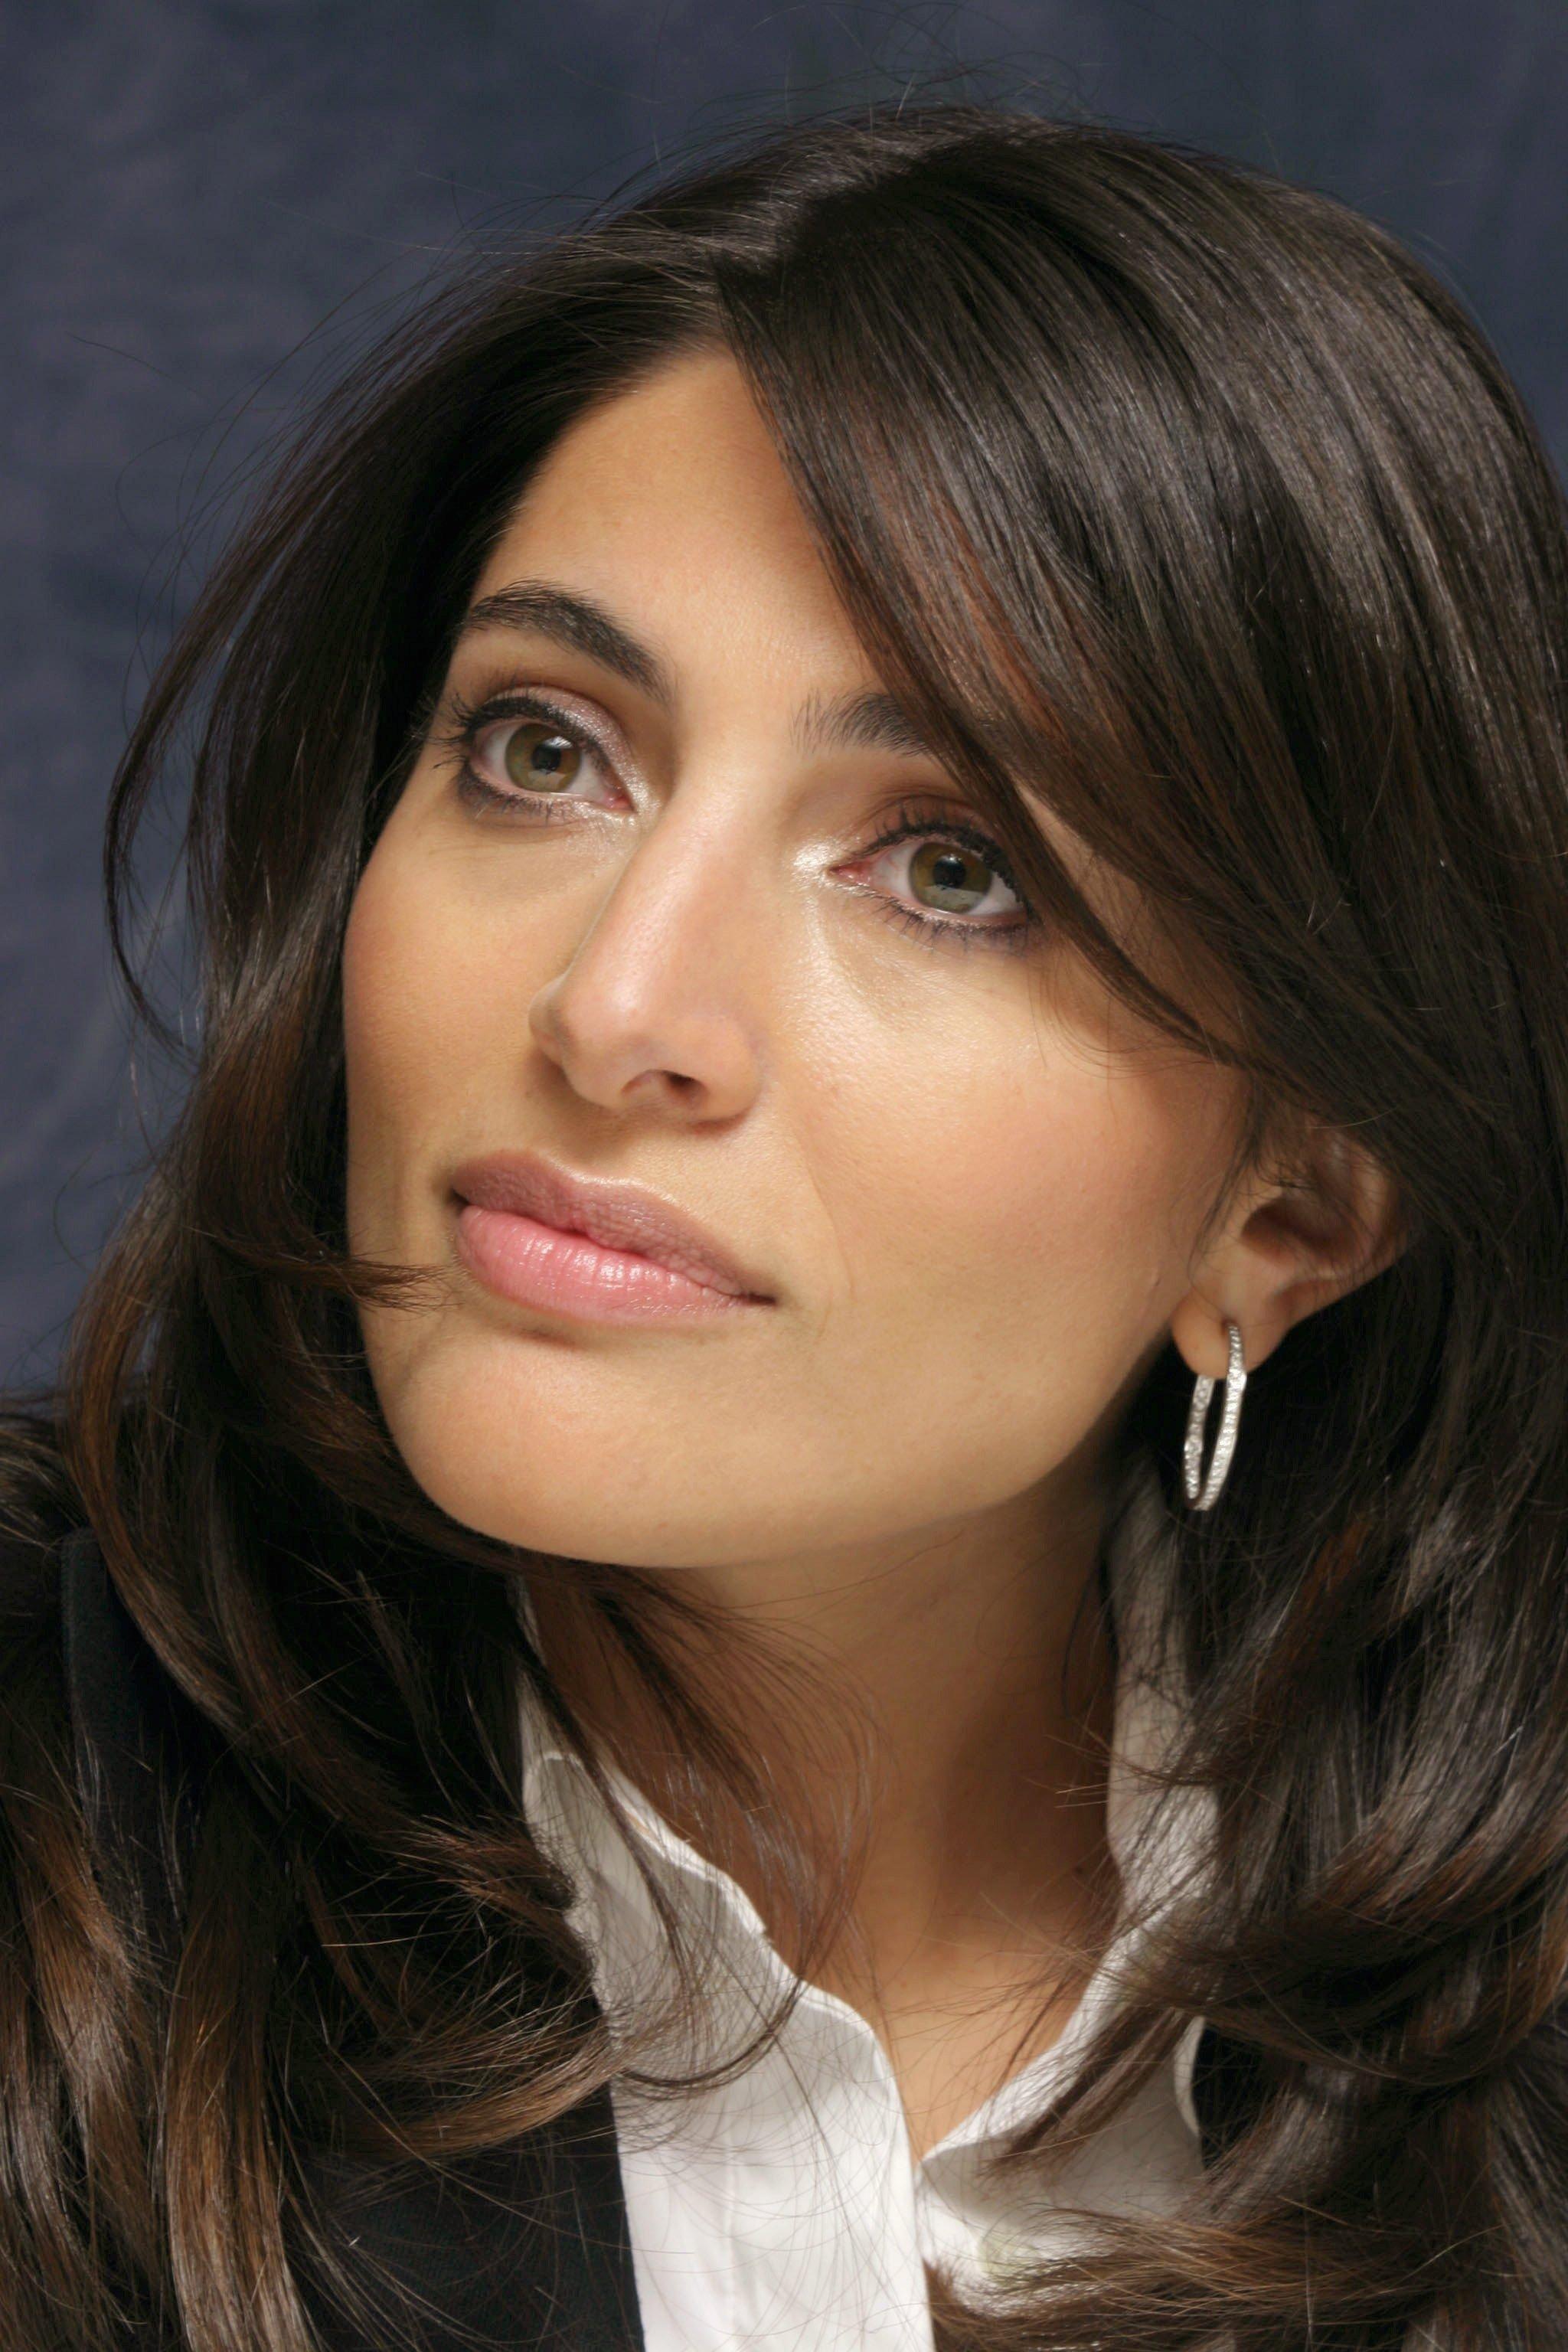 москве, стороны фото итальянских современных актрис и из-за смерти